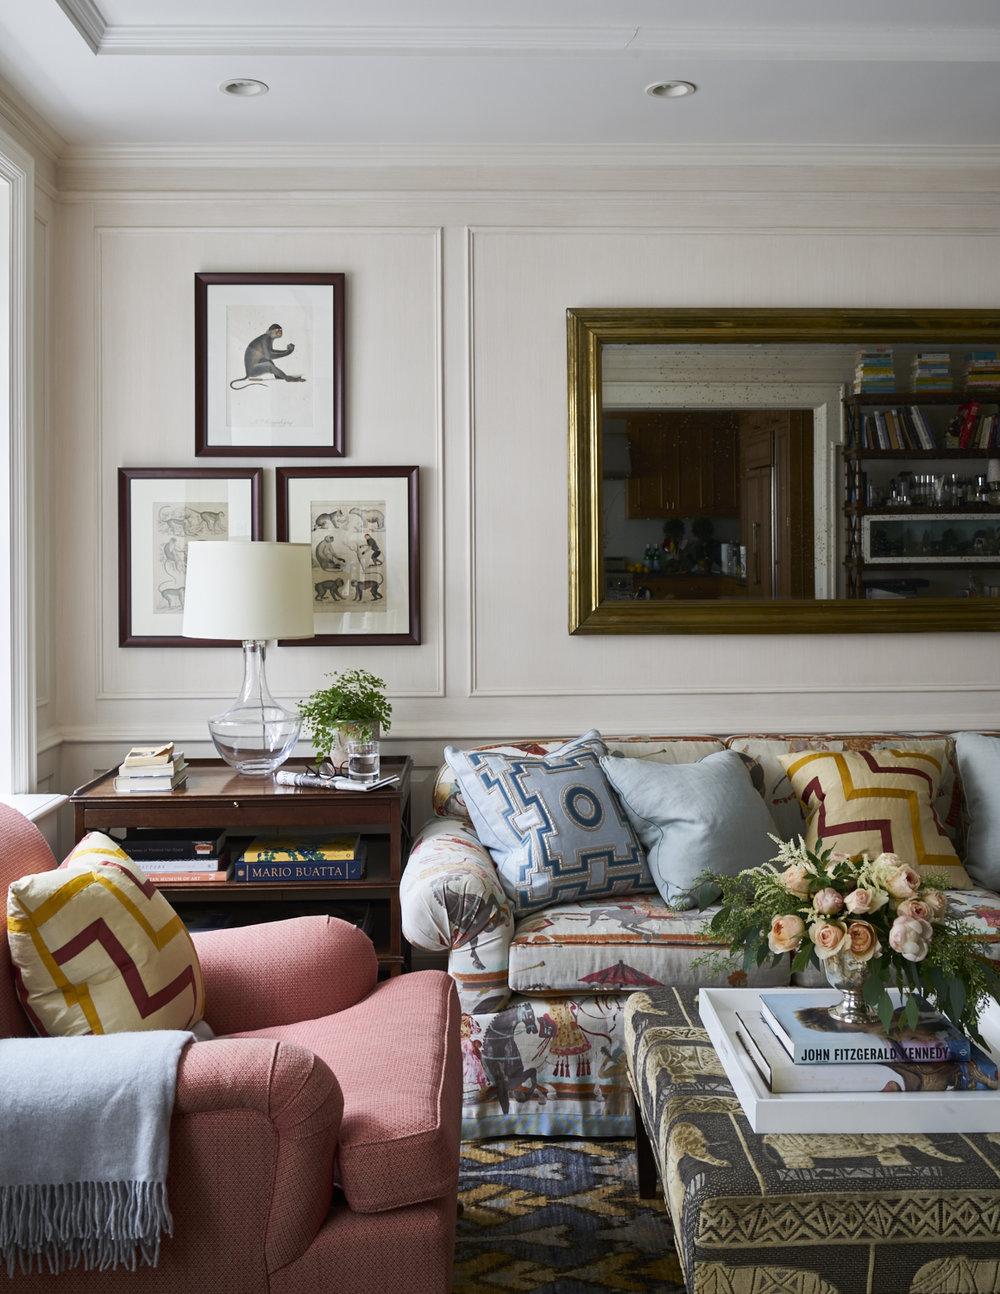 15 Family Room 2 HB_Katie_Lydon_Rubin_Residence_016 copy.jpg